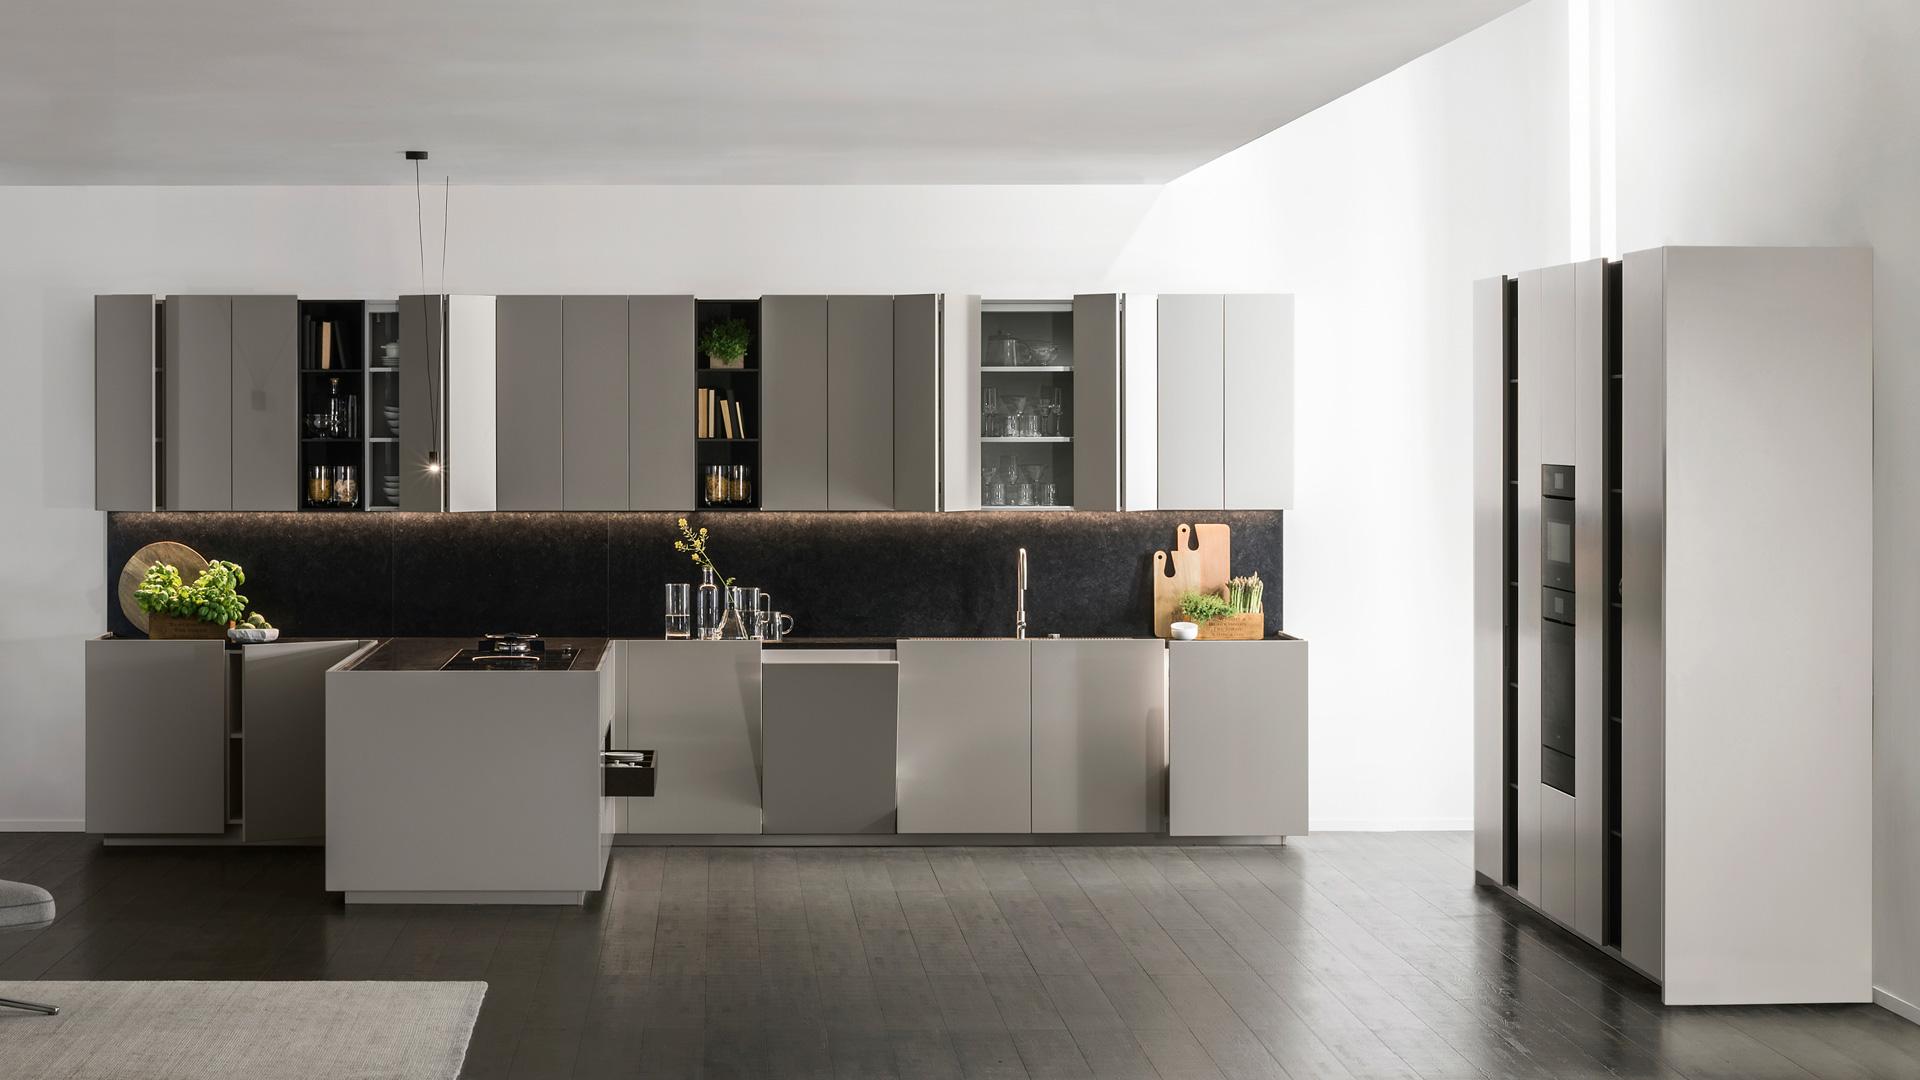 Cucina design con penisola composizione D90+ - D90_brandsite-gallery_02